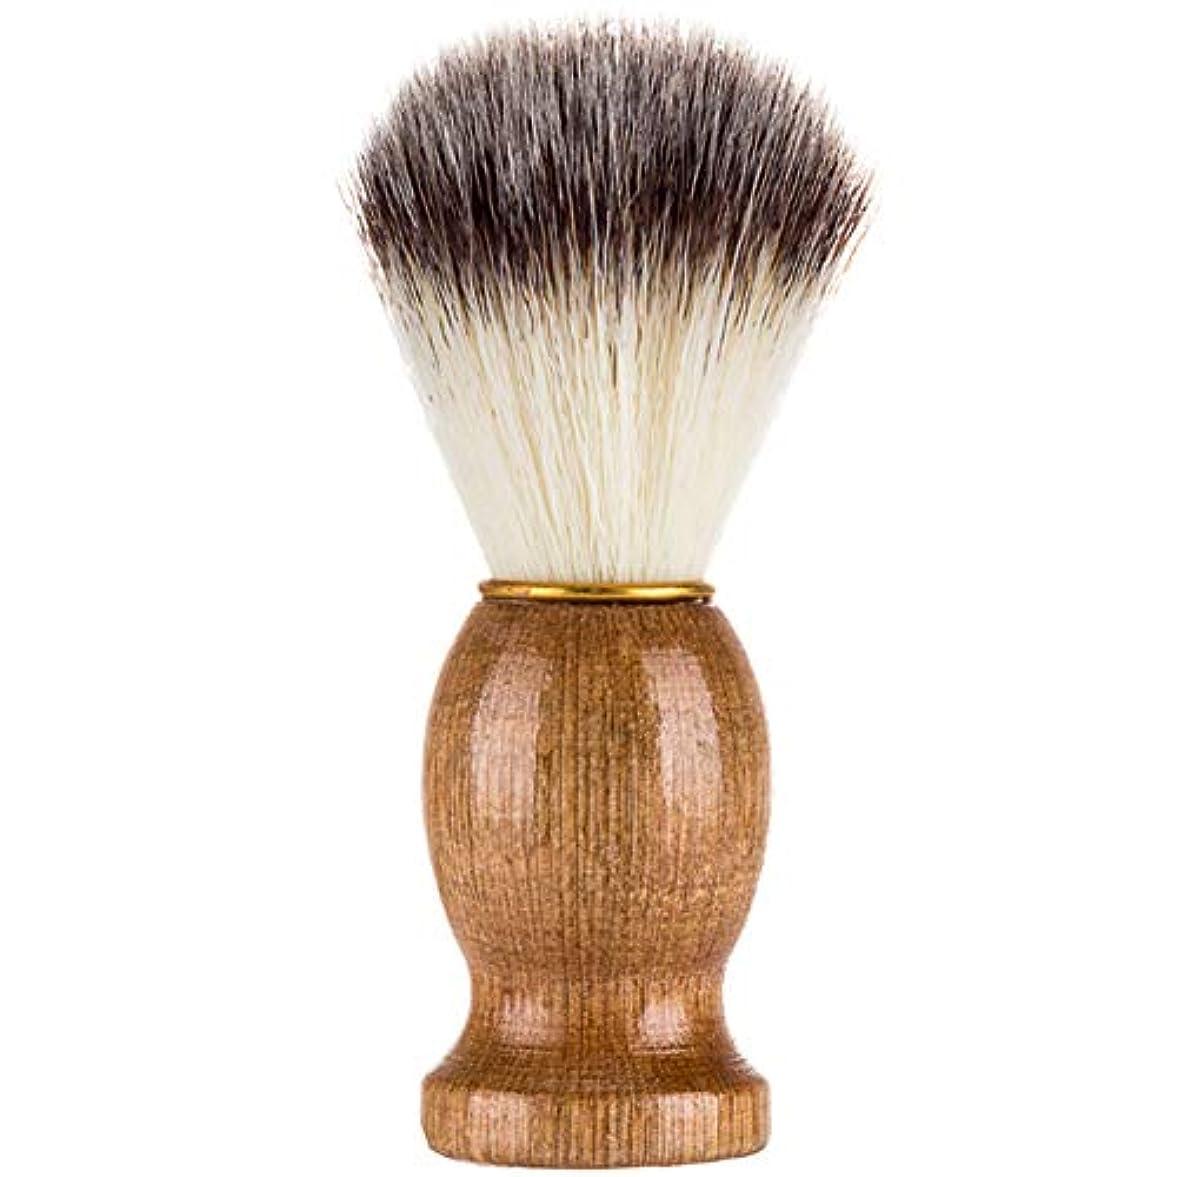 図書館退屈な探すTenflyer シェービングブラシ、シェービングブラシ、男性シェービングブラシシェービングかみそりブラシサロン理髪店用ツールひげ剃り用品